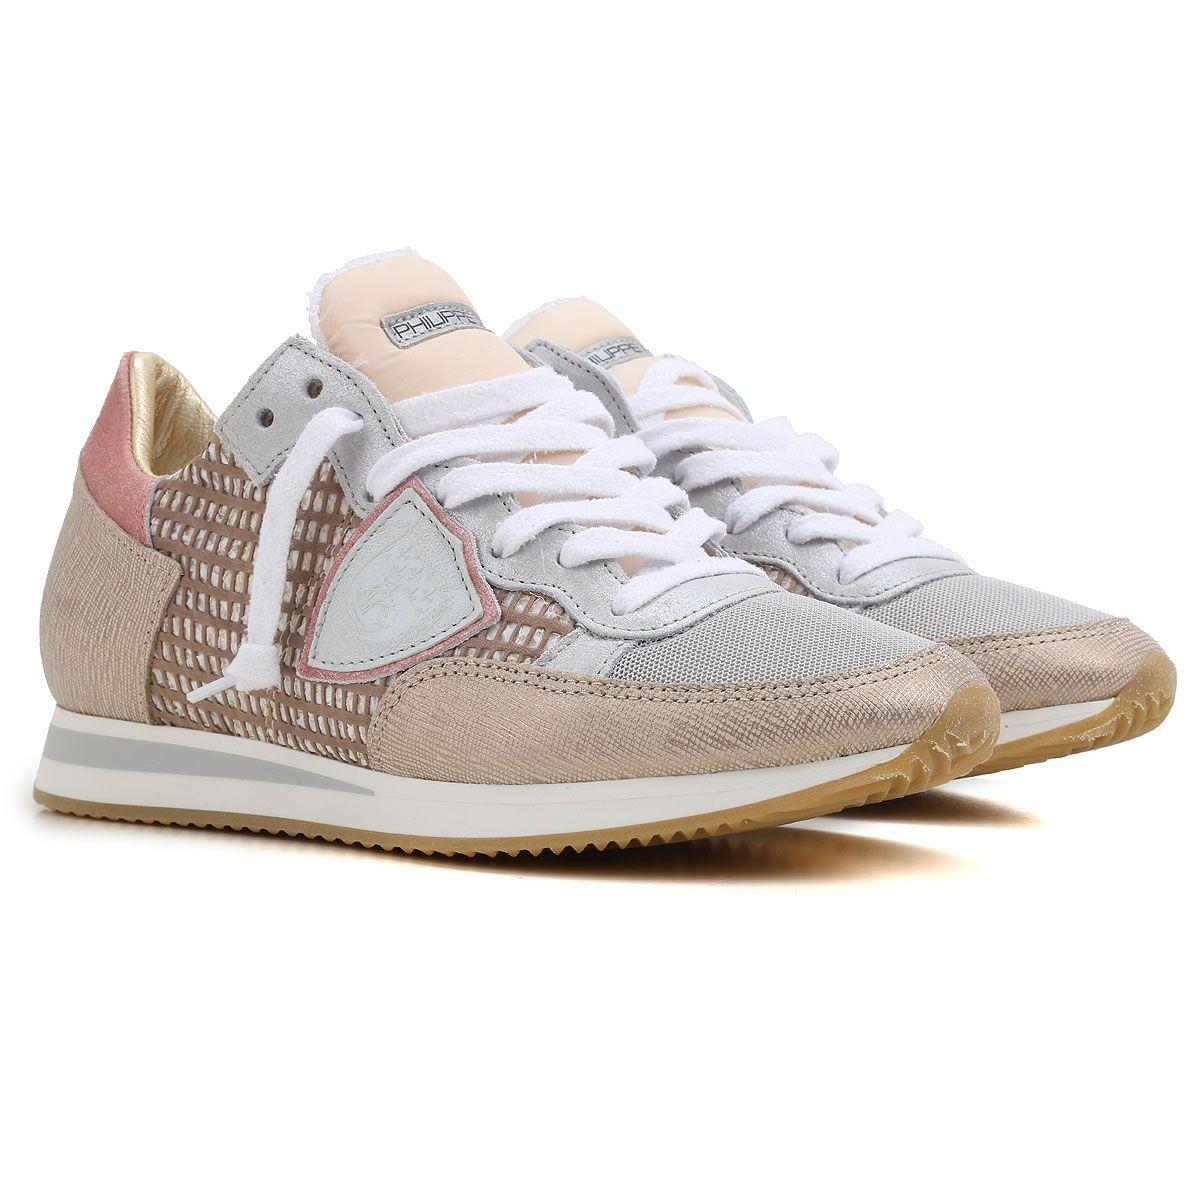 Achetez Vos Chaussures Philippe Model chez la Boutique en ligne Raffaello  Network. La Nouvelle Collection